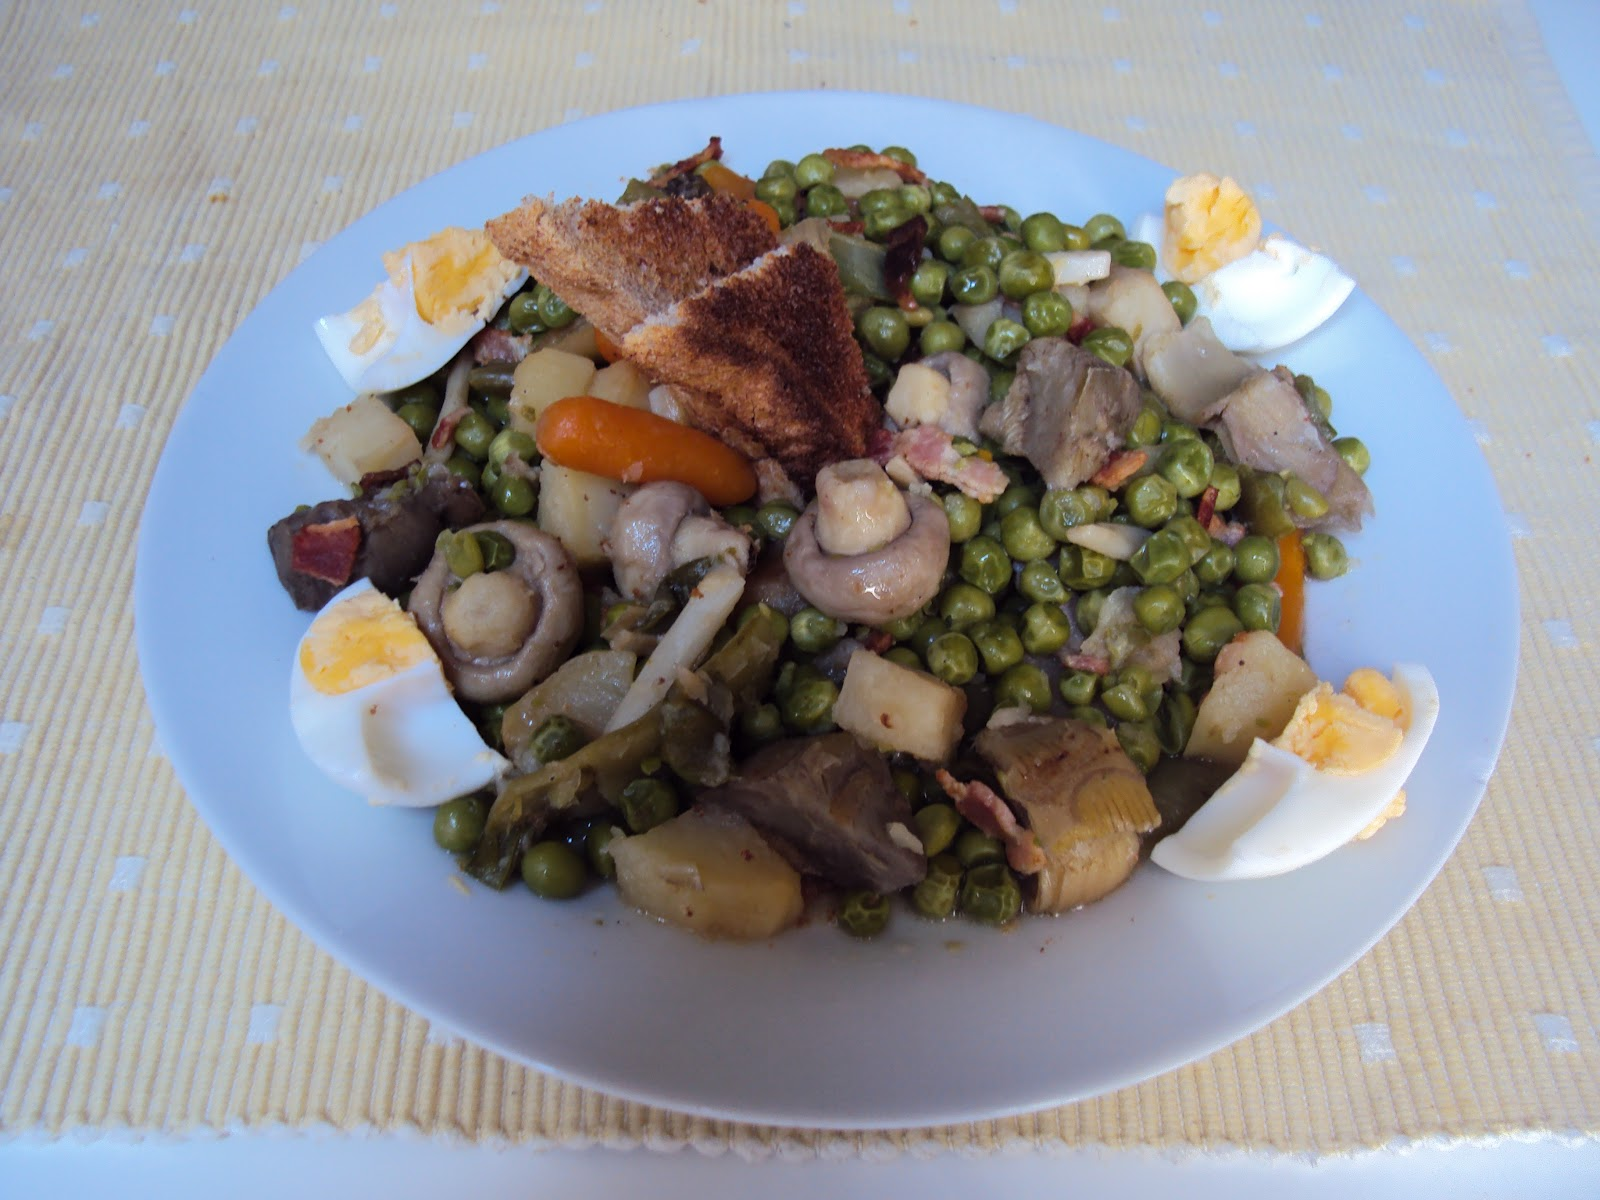 Zaza y sus pucheros como hacer una menestra de verduras - Como preparar menestra de verduras ...